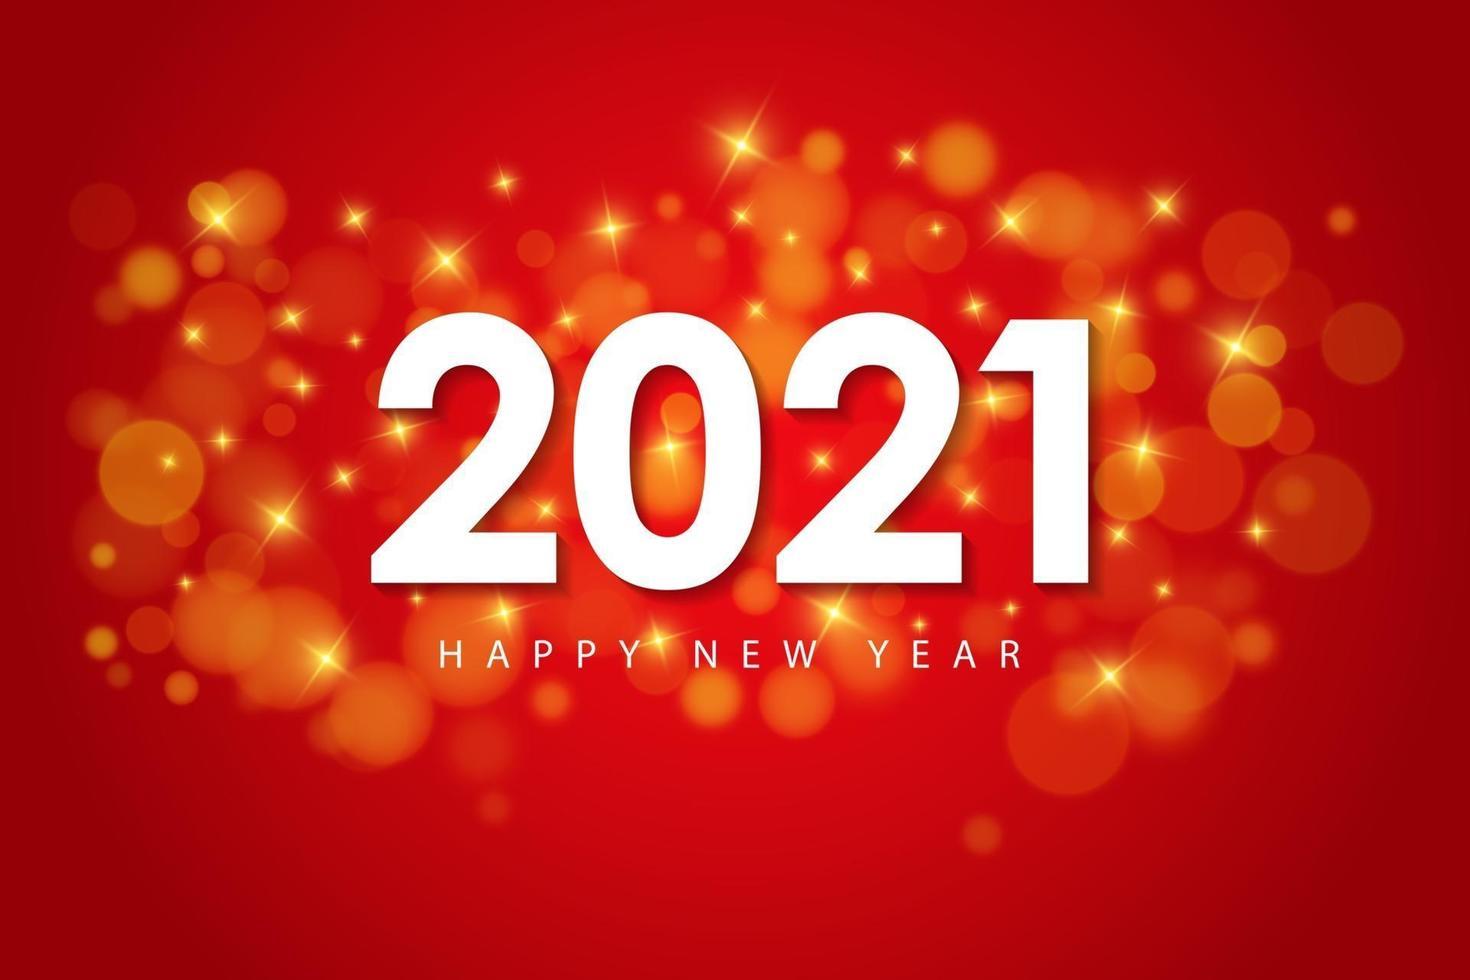 feliz ano novo 2021 modelo de design para cartões, cartaz, banner, ilustração vetorial. isolado sobre fundo vermelho. vetor